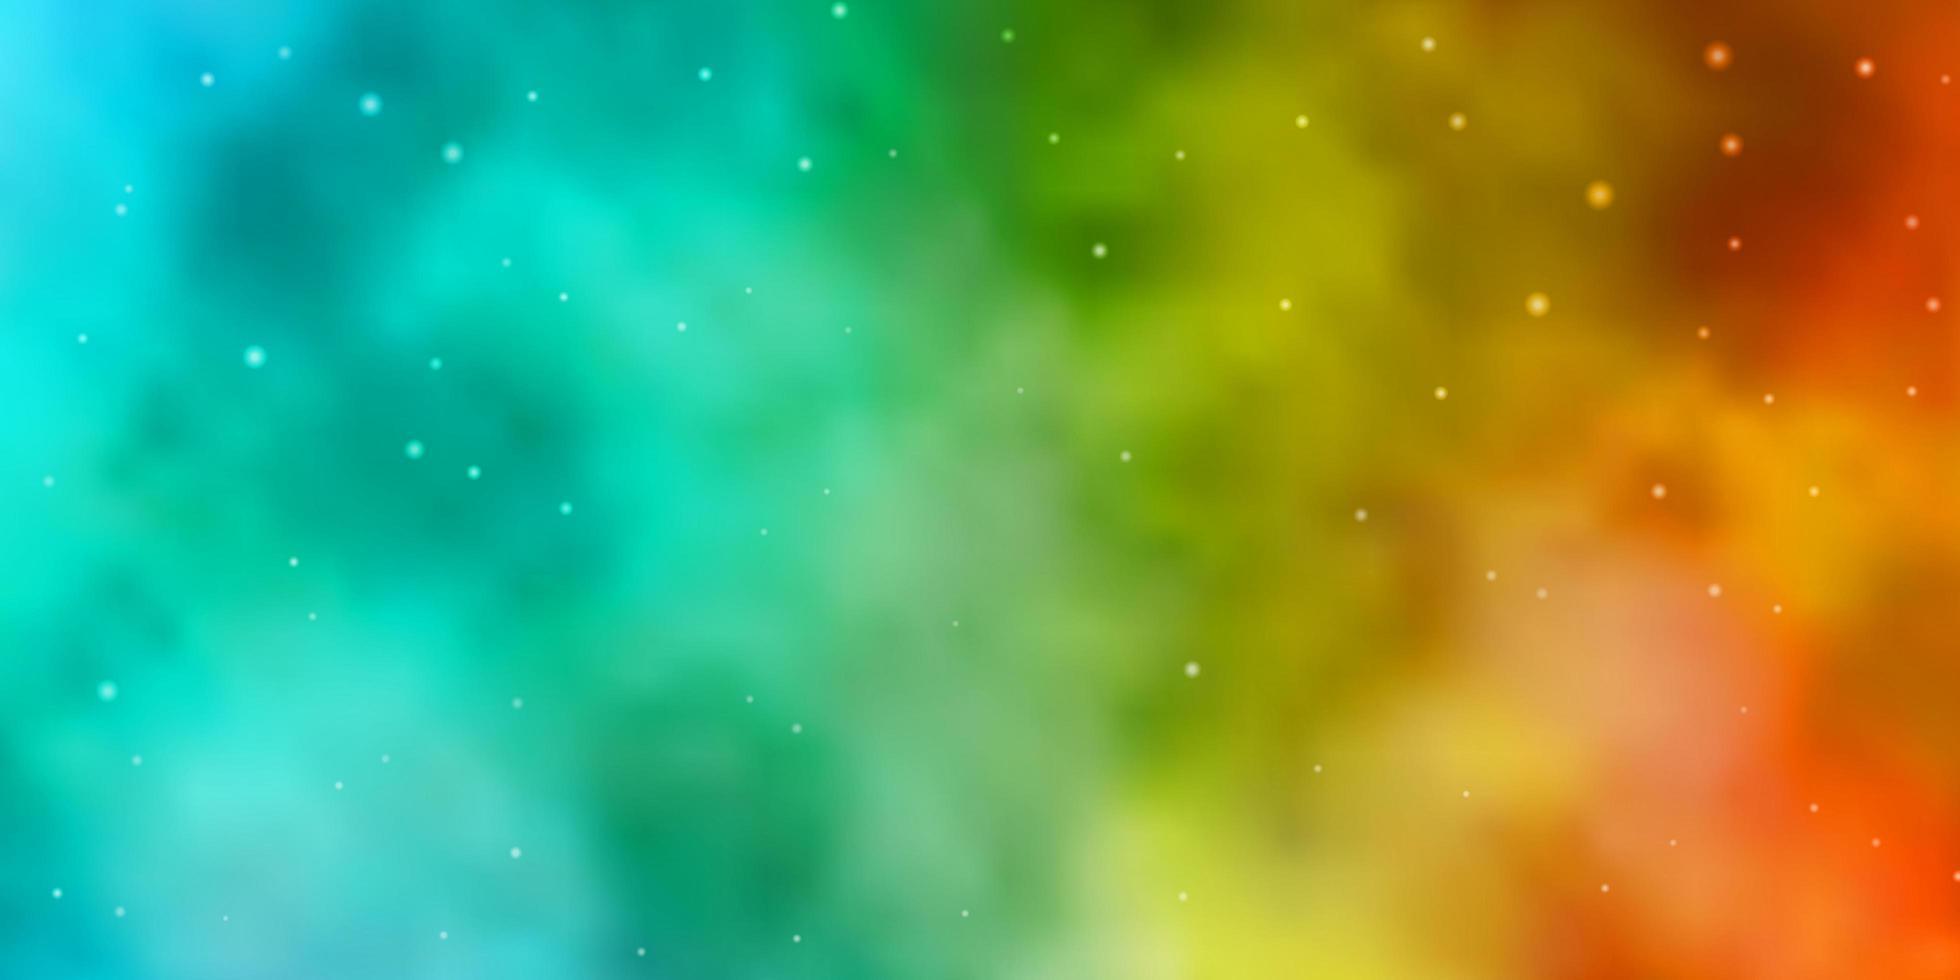 lichtblauwe, gele textuur met prachtige sterren. vector